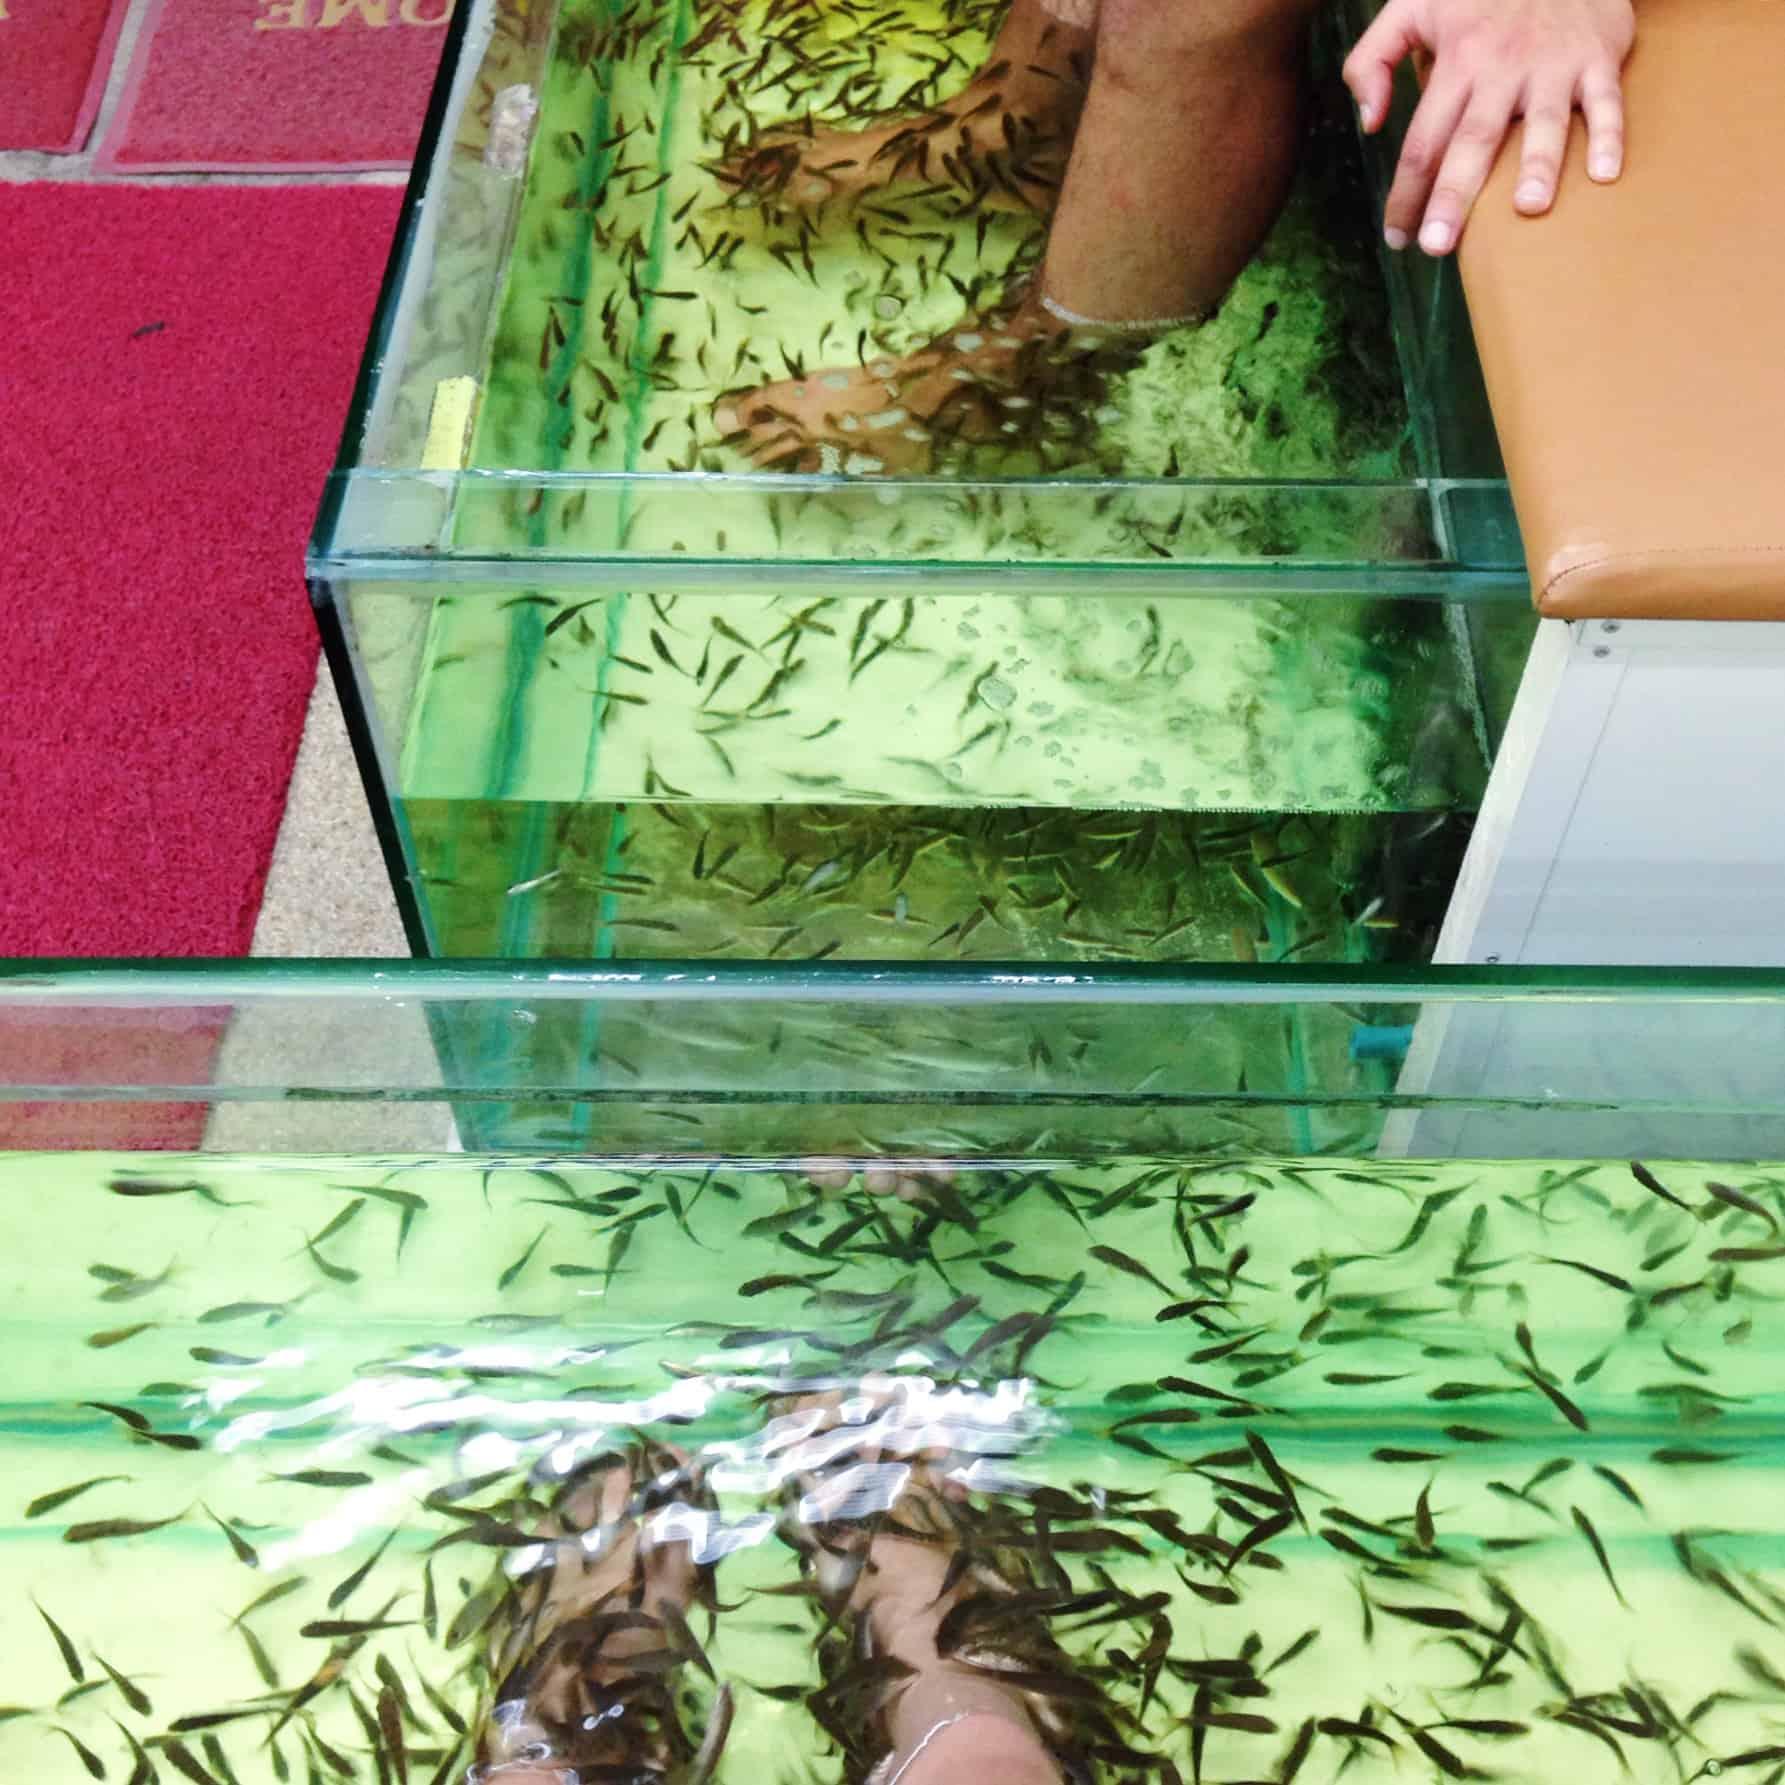 Co to takiego ichtioterapia? Czy warto wypróbować fish spa?